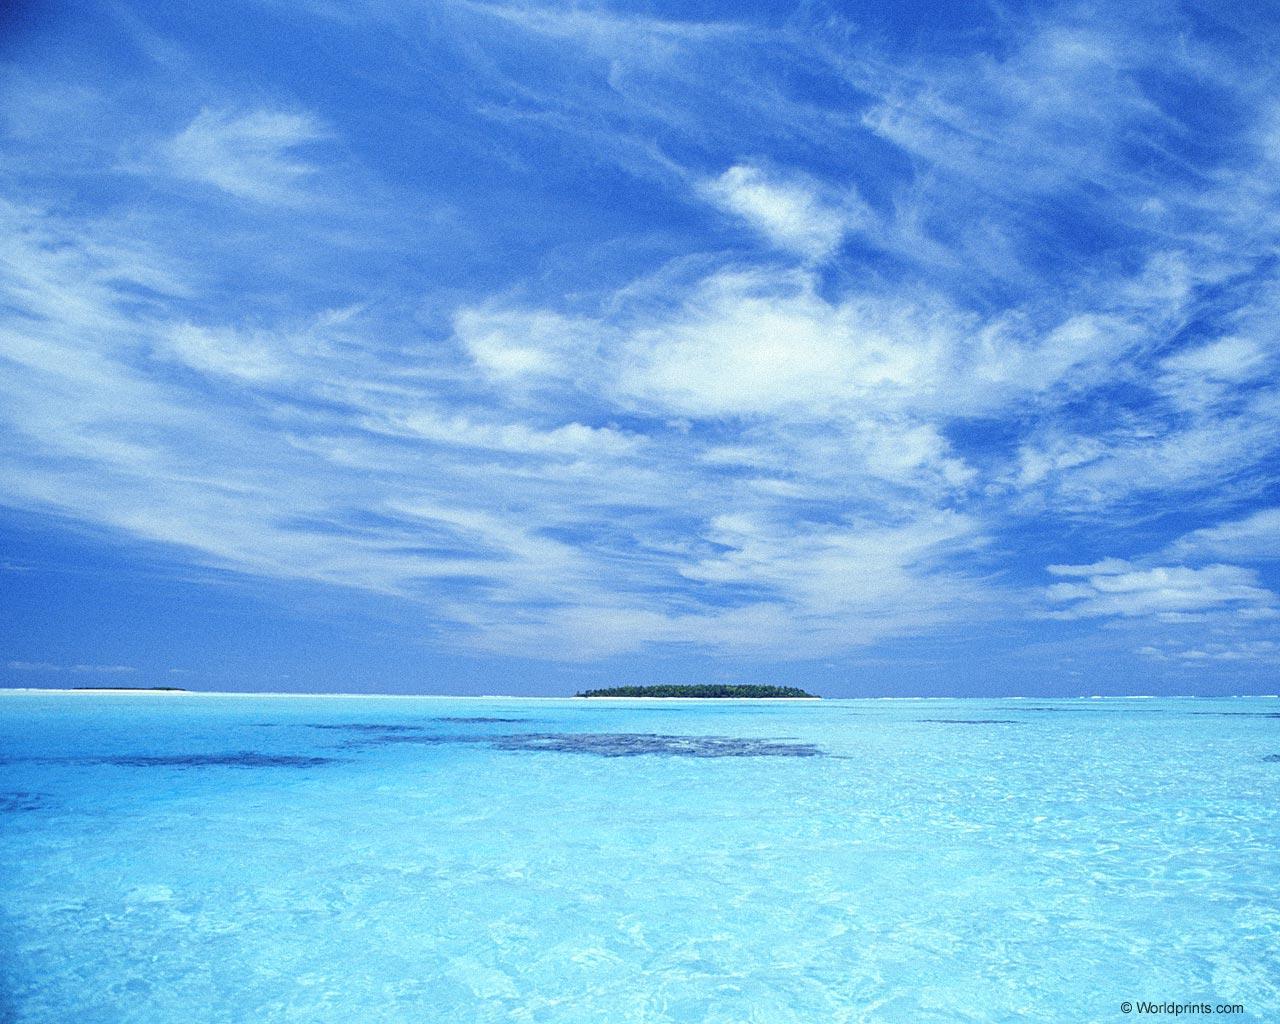 Смотреть бесплатно фото с моря 1 фотография